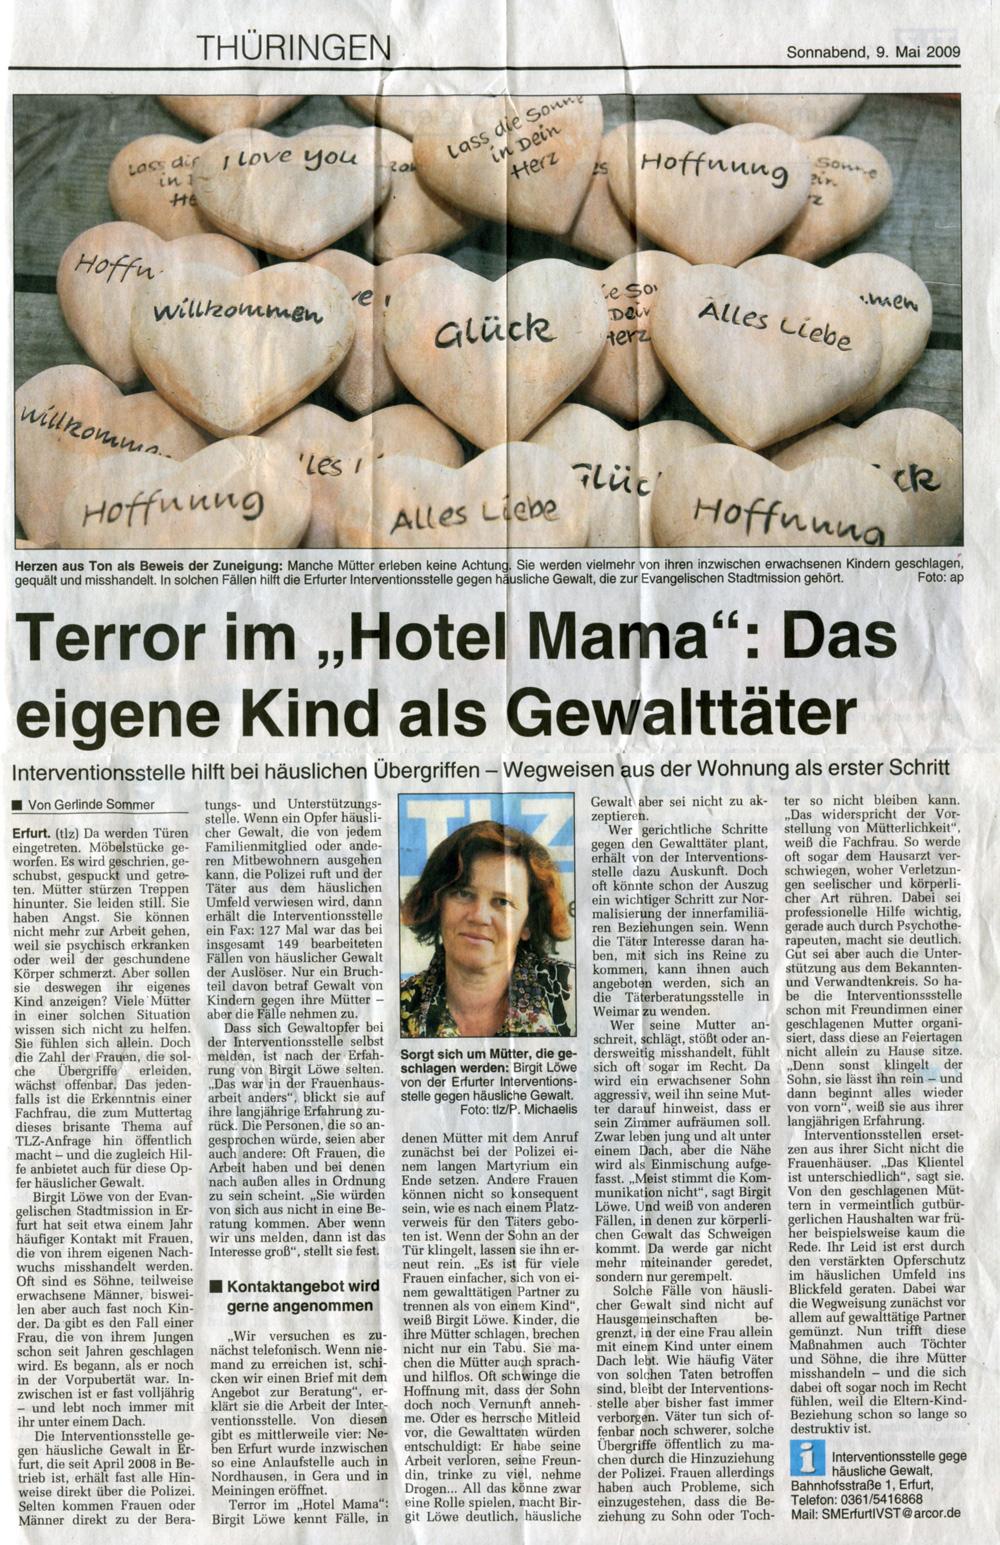 gewalt in der Erfurt